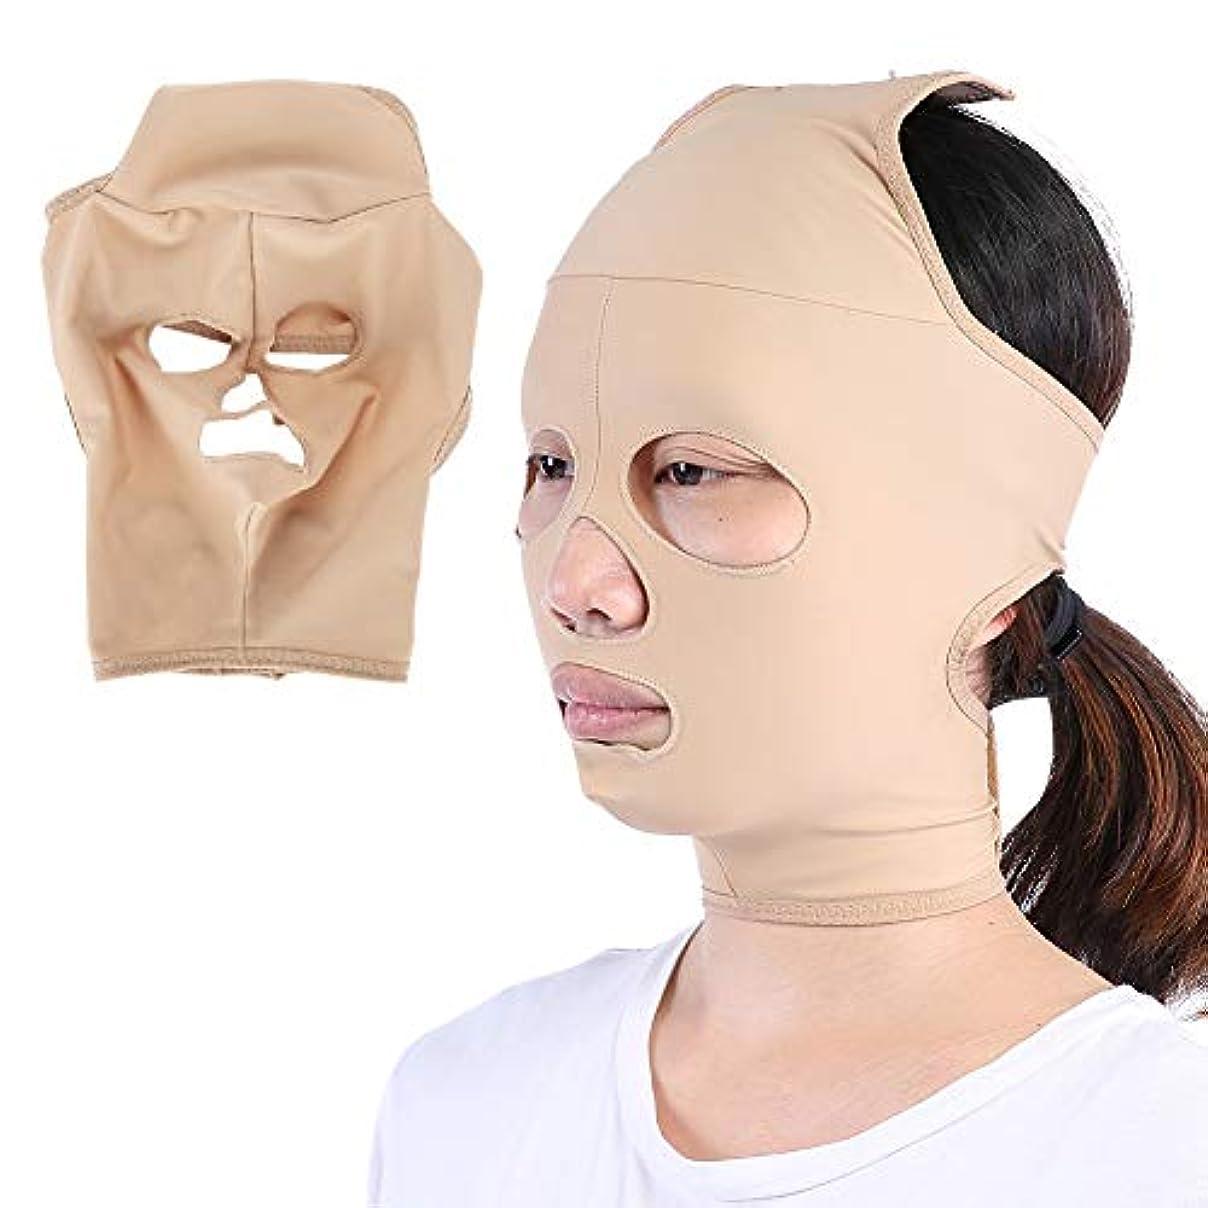 ブースト振るうメーカー顔の减量のベルト、完全なカバレッジ 顔のVラインを向上させる 二重顎を減らす二重顎、スキンケア包帯(S)